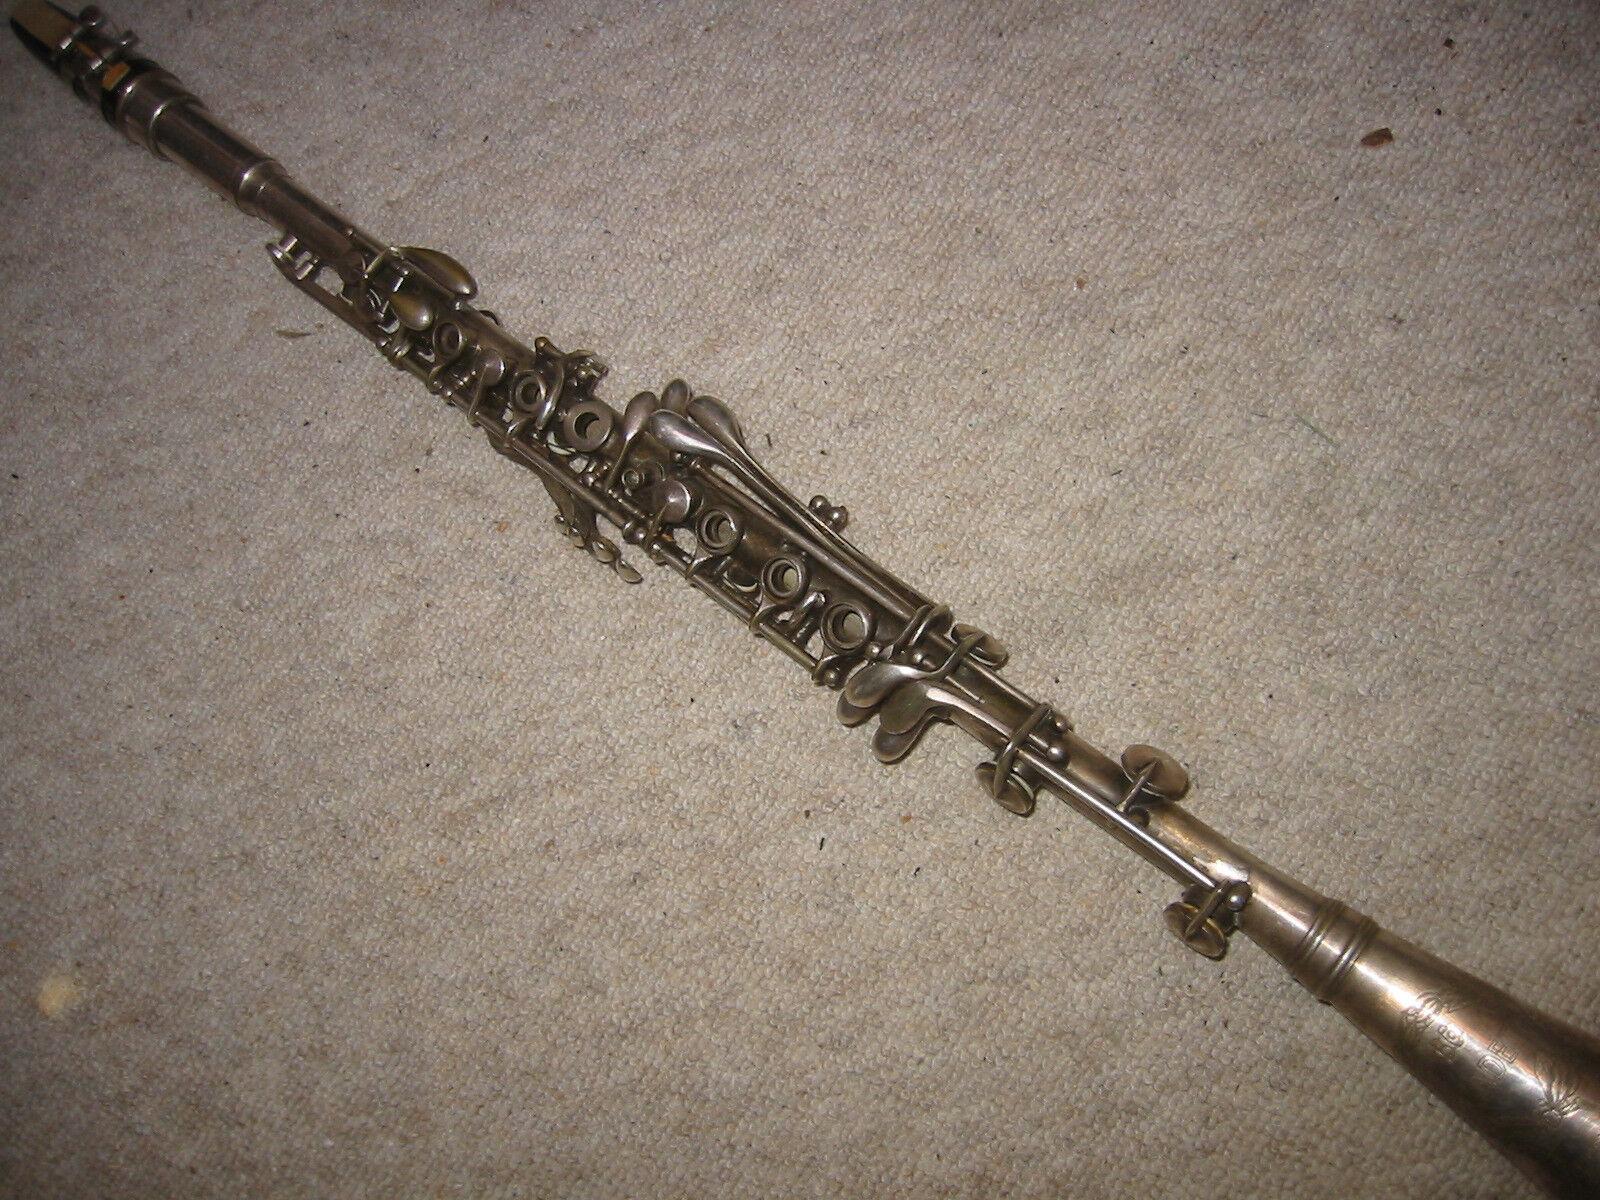 Buen viejo clarinete de metal    Cadete BC co   nuevo sádico